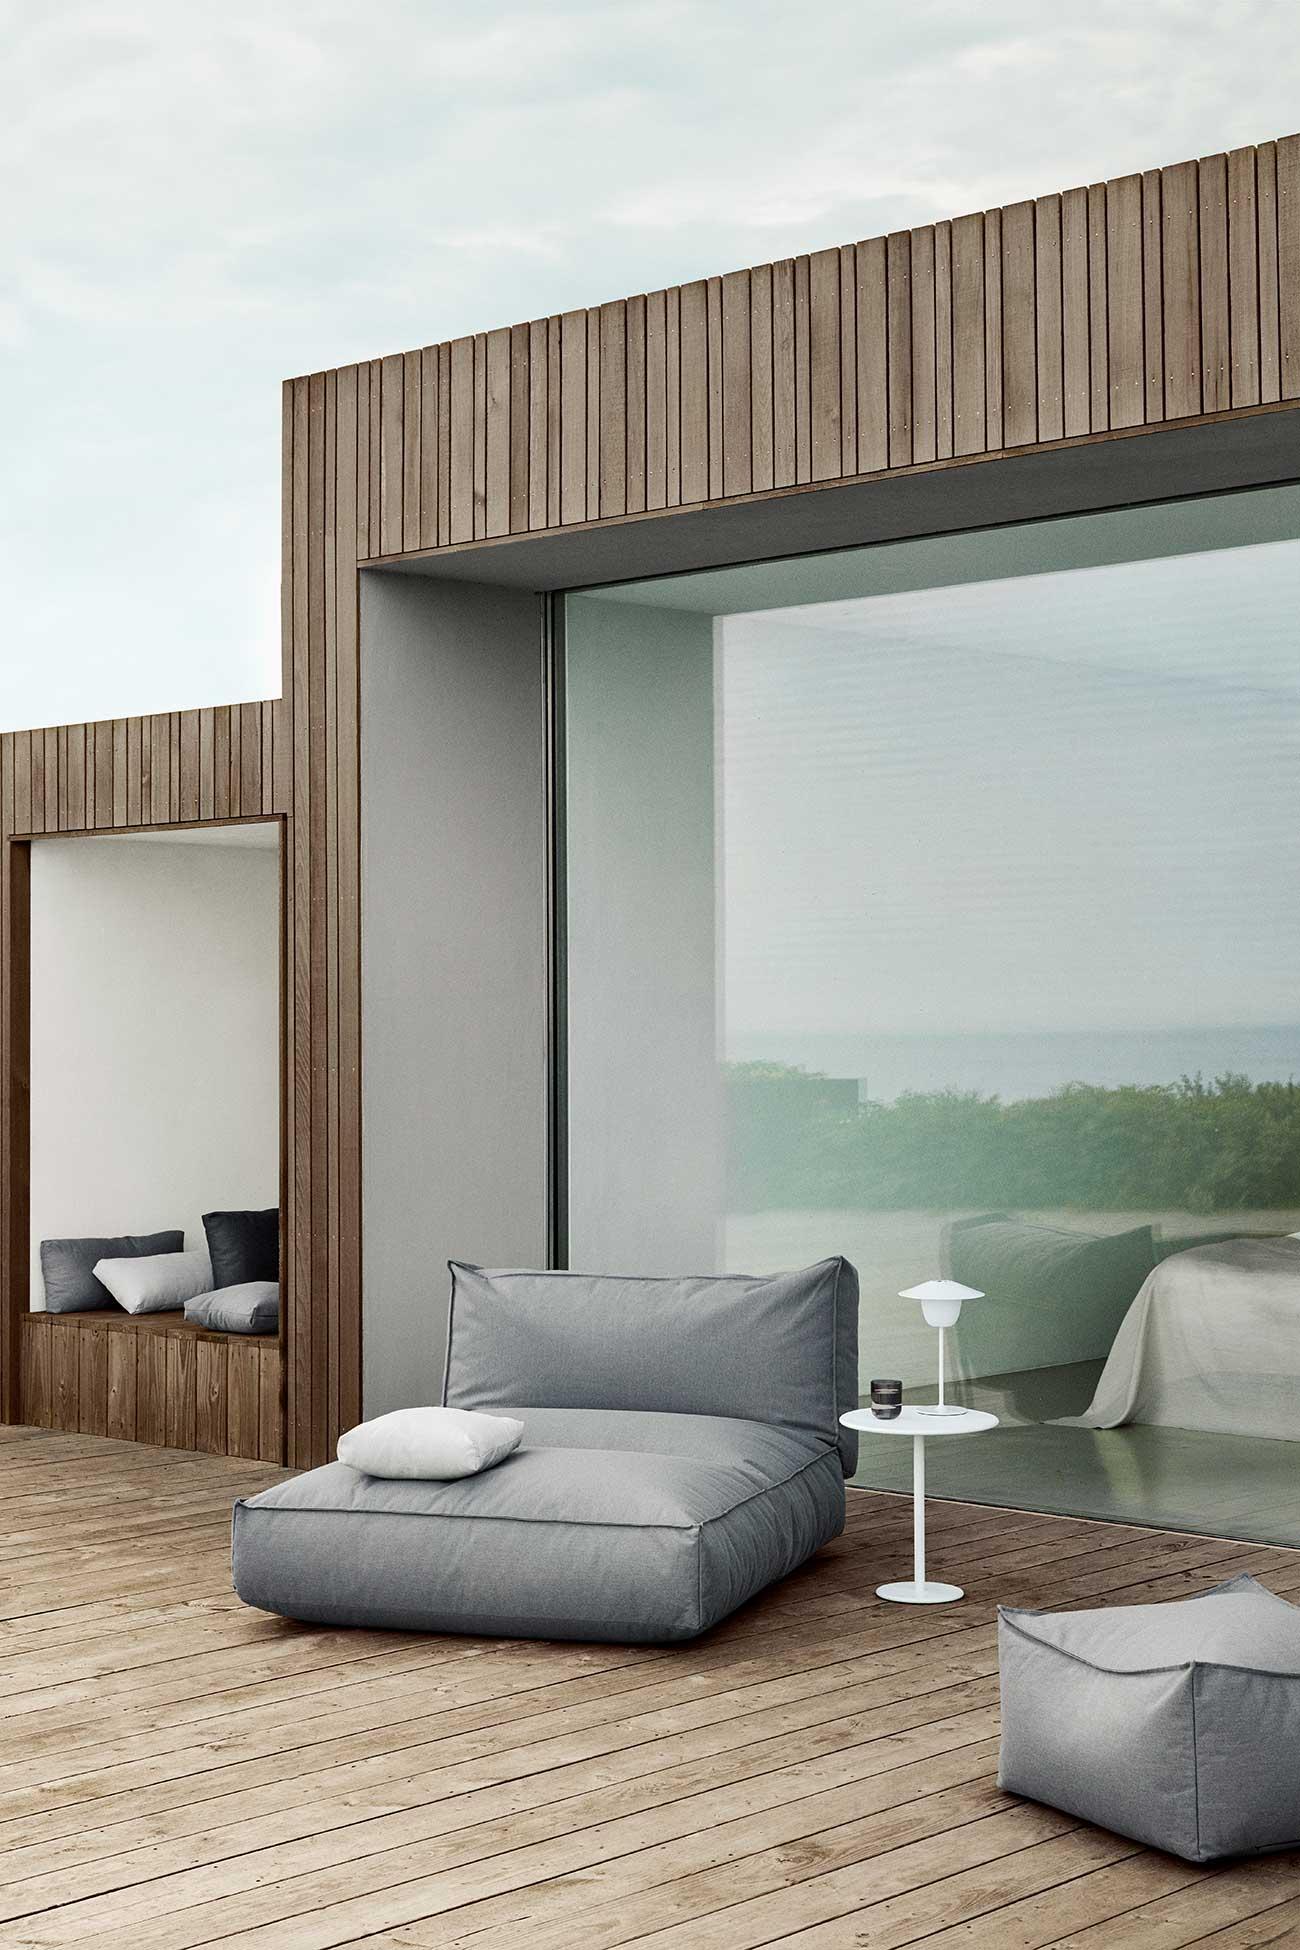 Daybett von Blomus auf der Terrasse